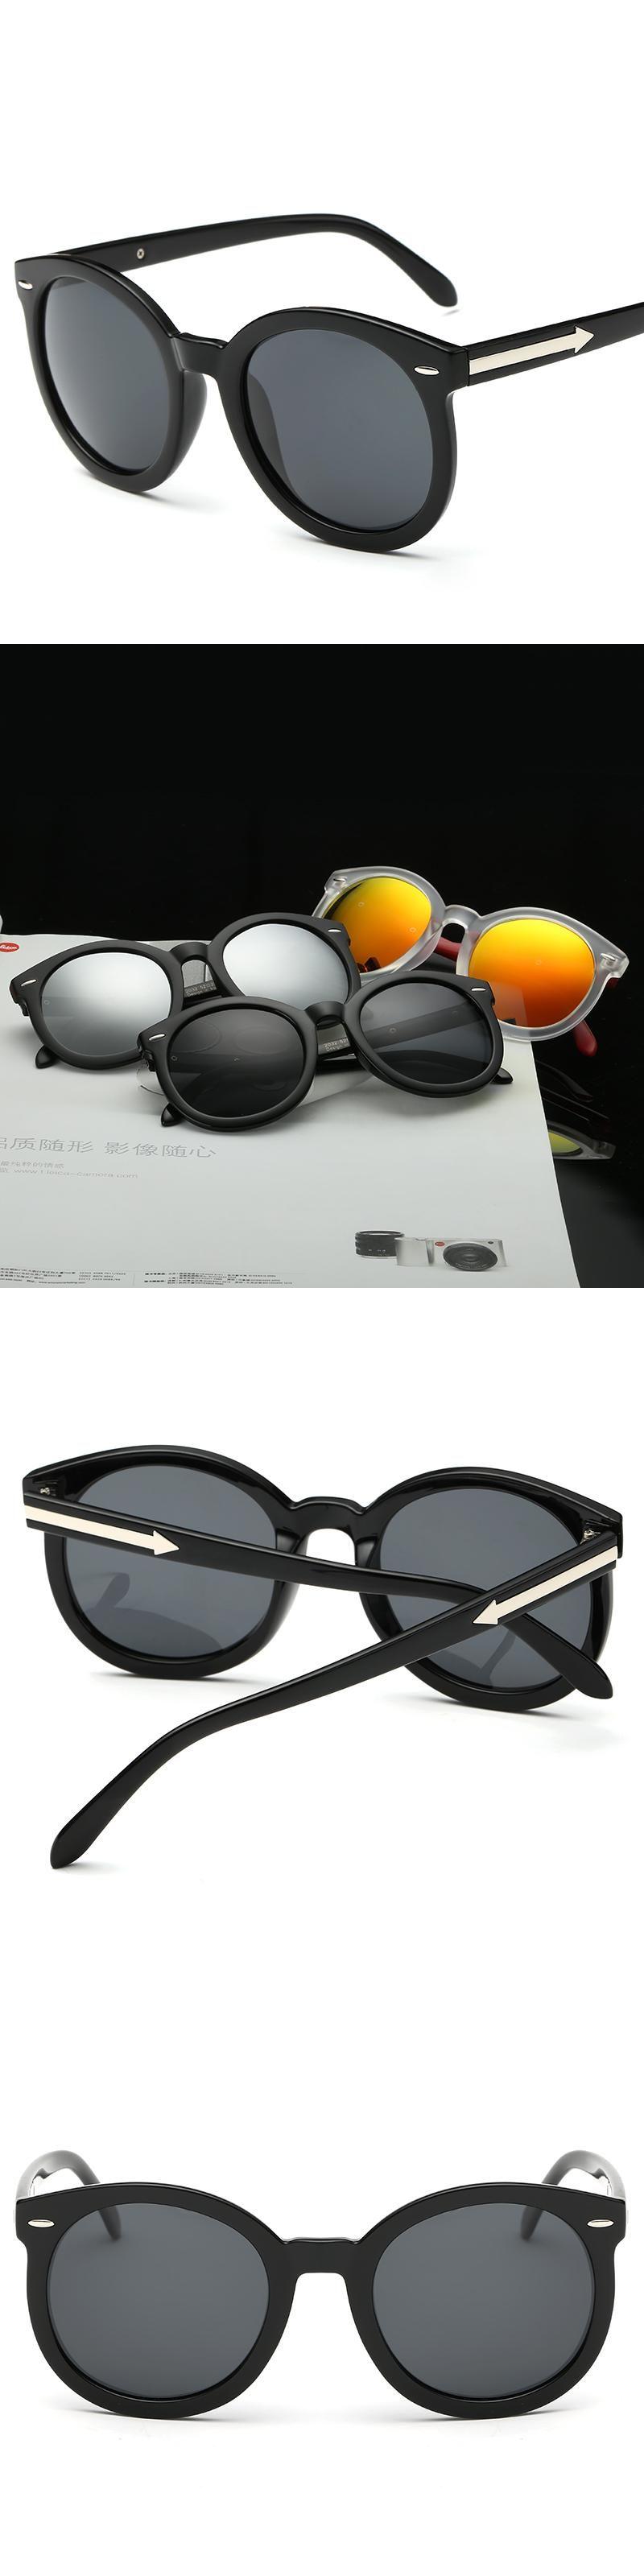 96cec0980e New Fashion Vintage Sunglasses Women Brand Designer Square Sun Glasses TR90  Male models Prescription glasses Polarization